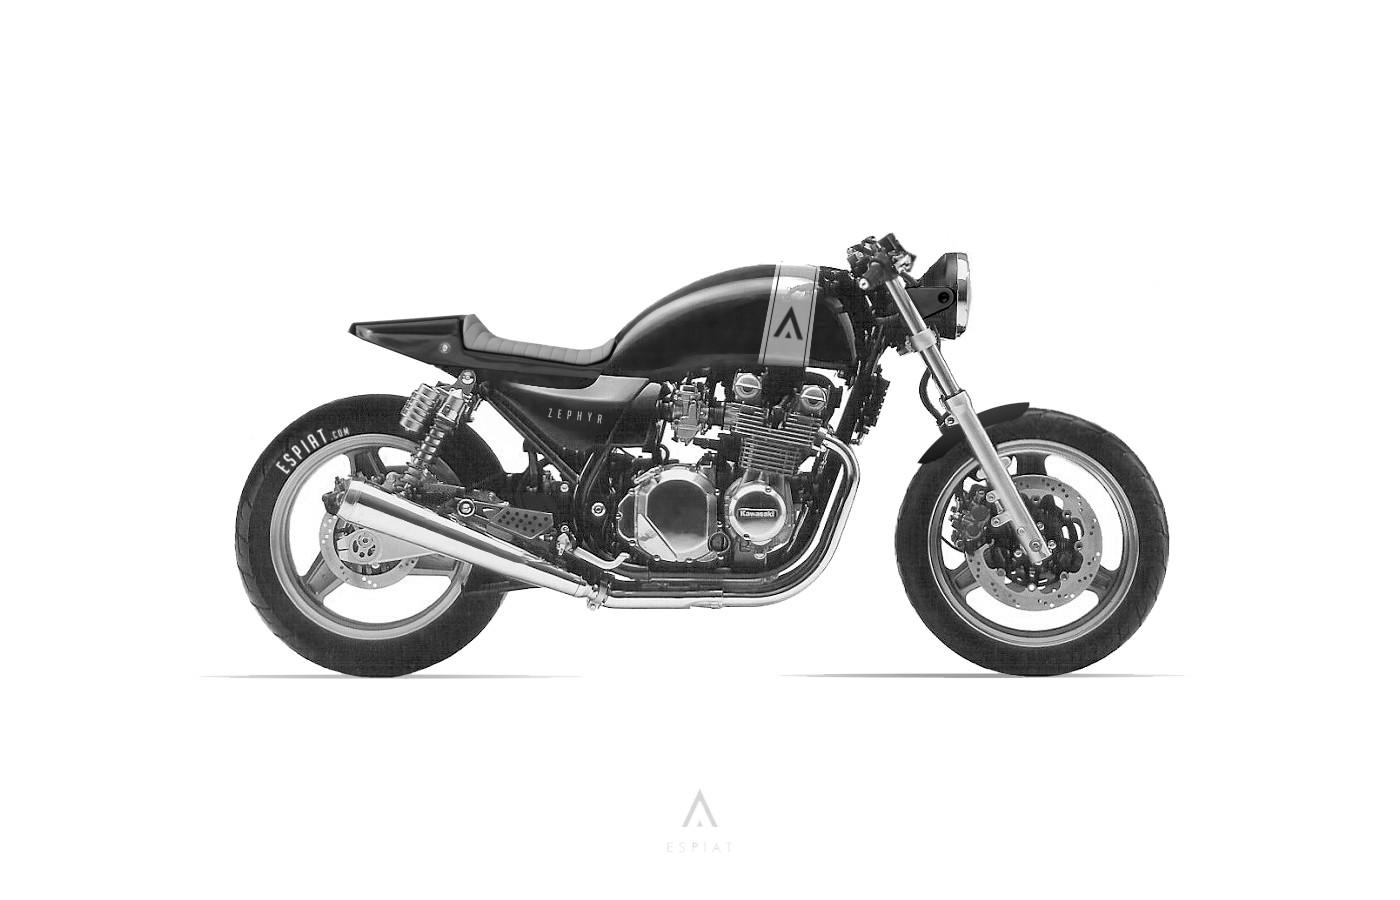 Kawasaki-Zephyr-cafe-racer-umbau-espiat